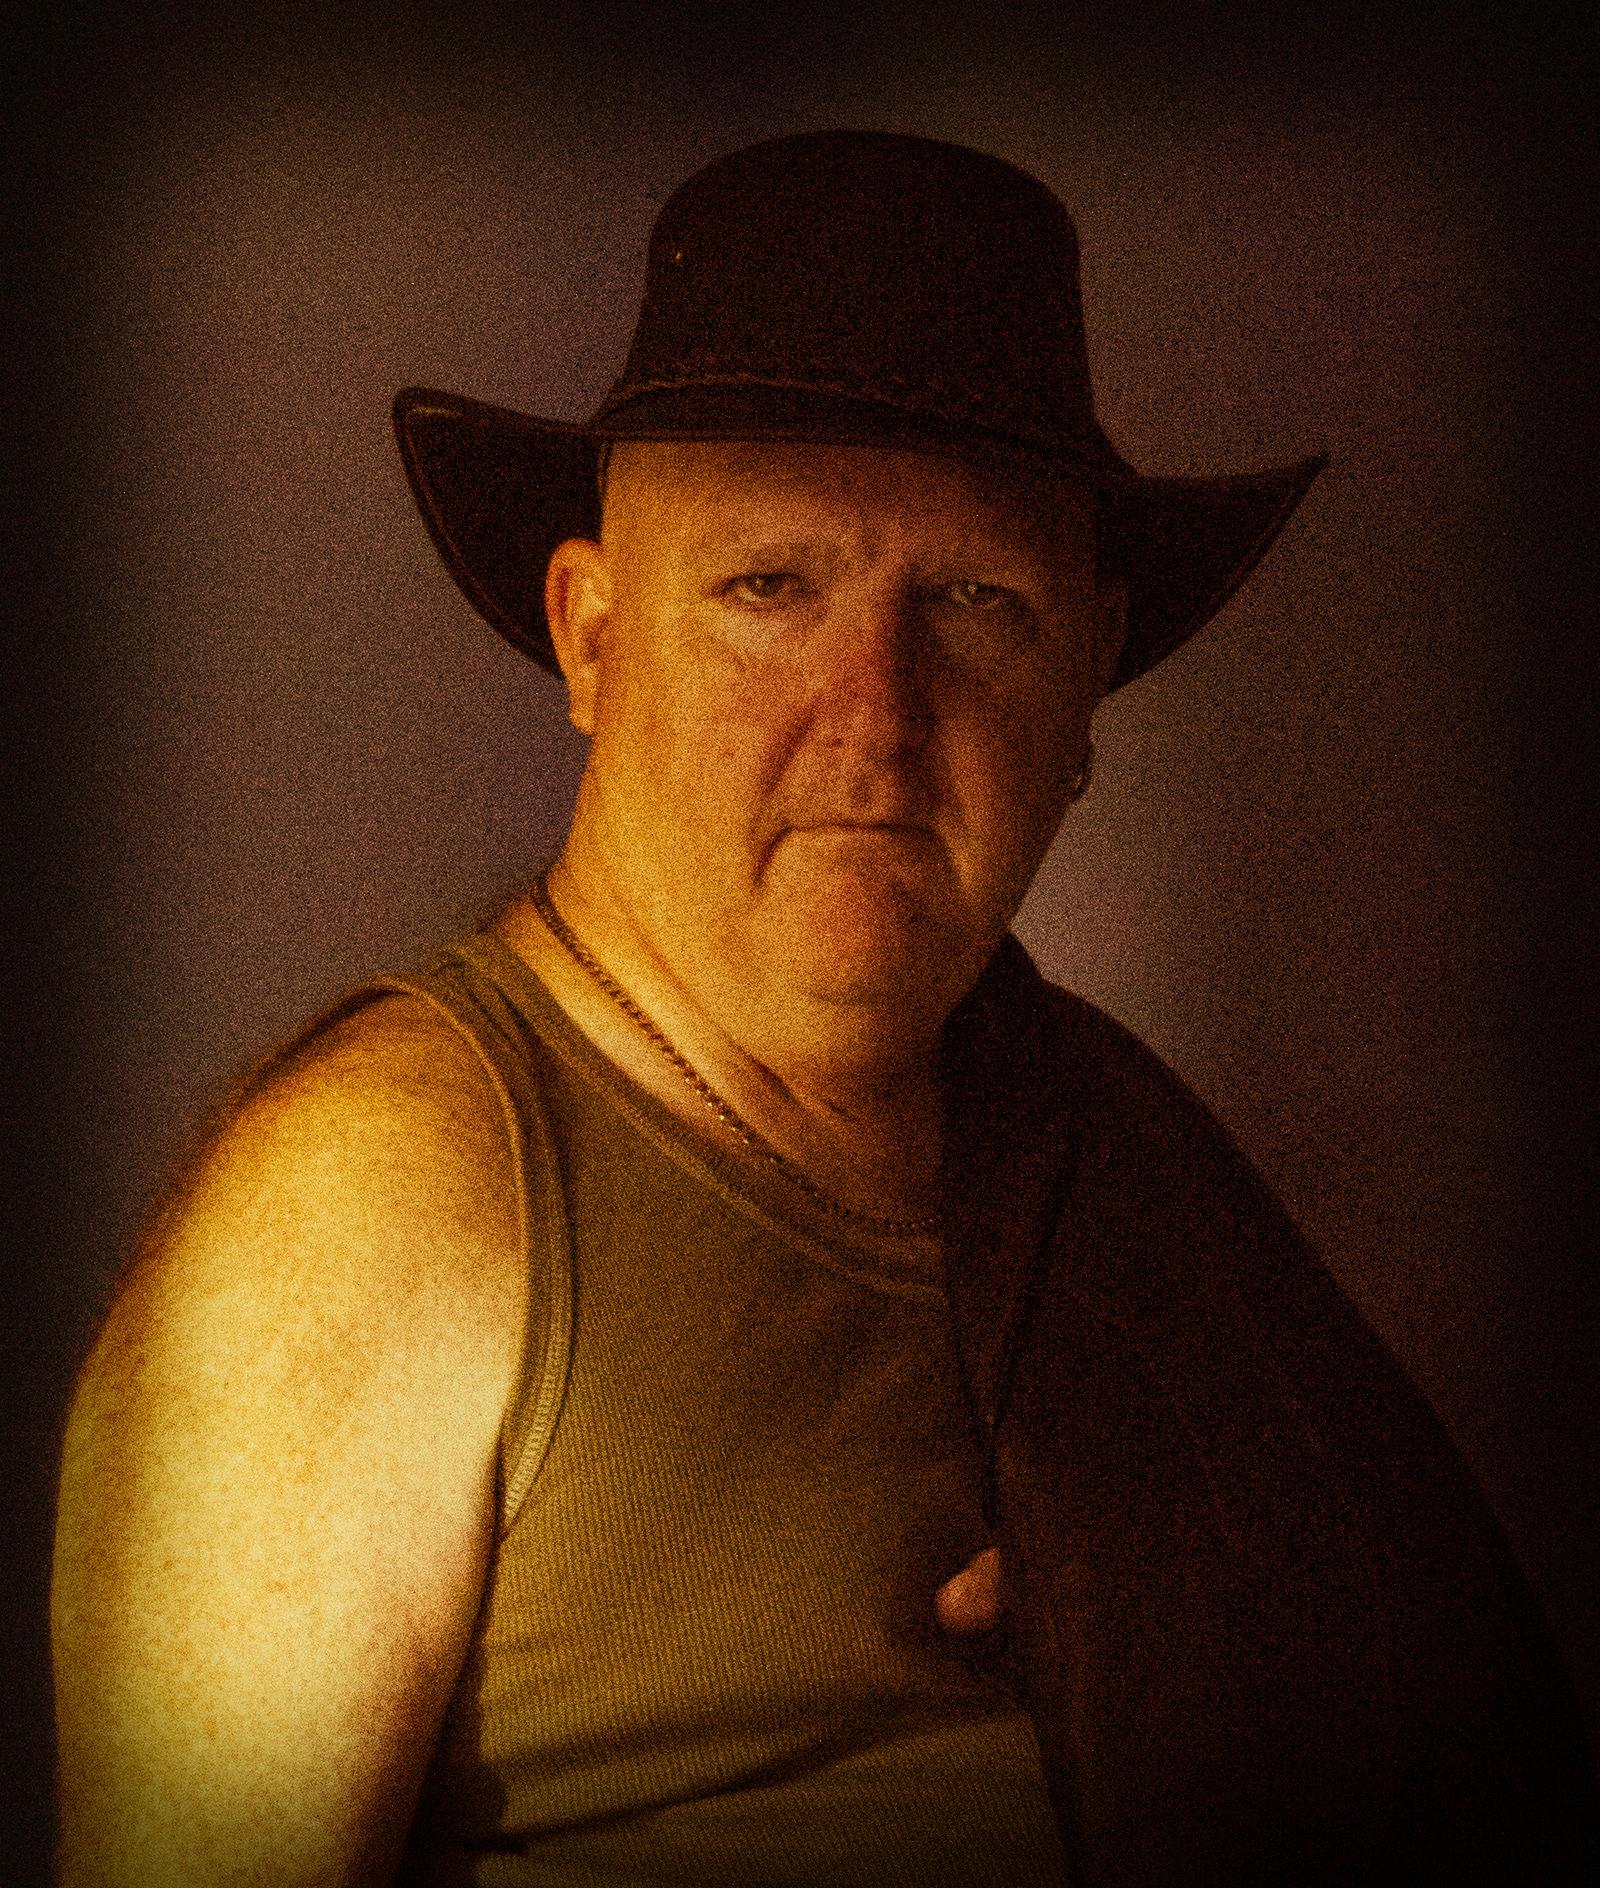 Self Portrait by Ian Gardner